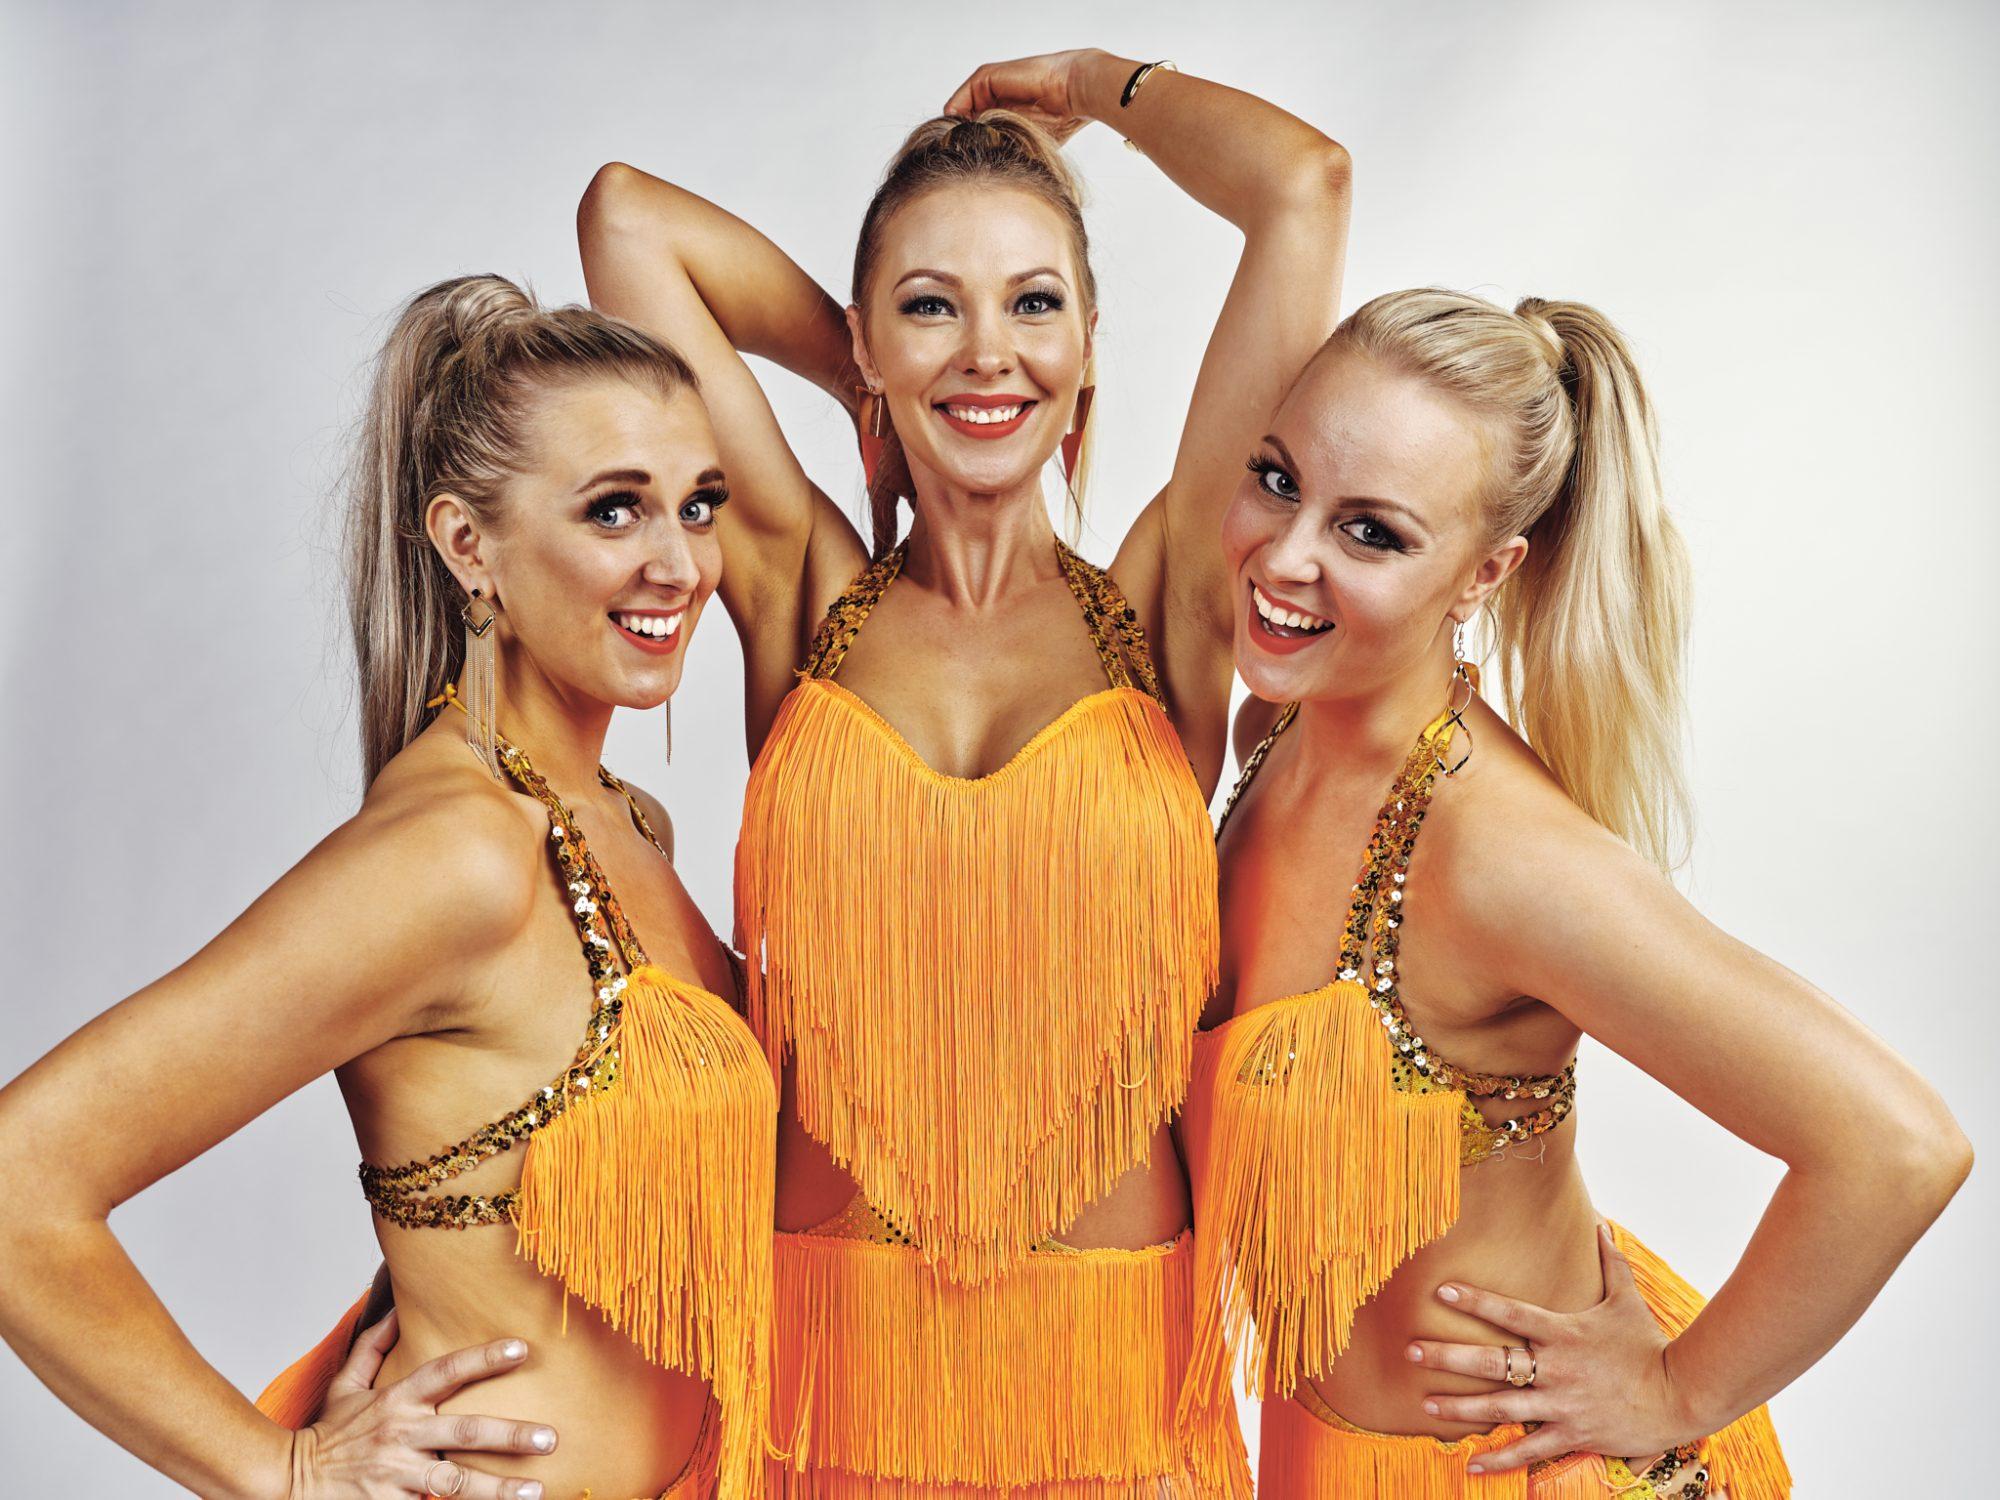 Tanssiryhmä Deja-vu koostuu pitkänlinjan ammattiesiintyjistä, jotka ottavat lavan haltuun tapahtuman luonteesta riippumatta.